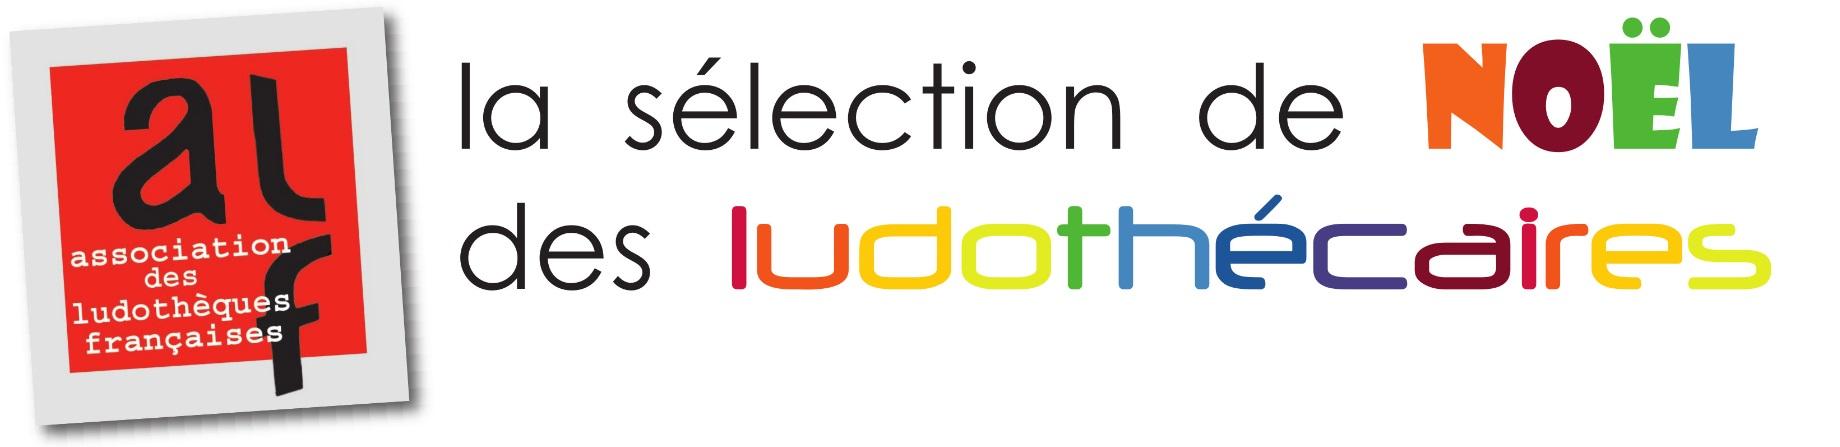 selection noel image